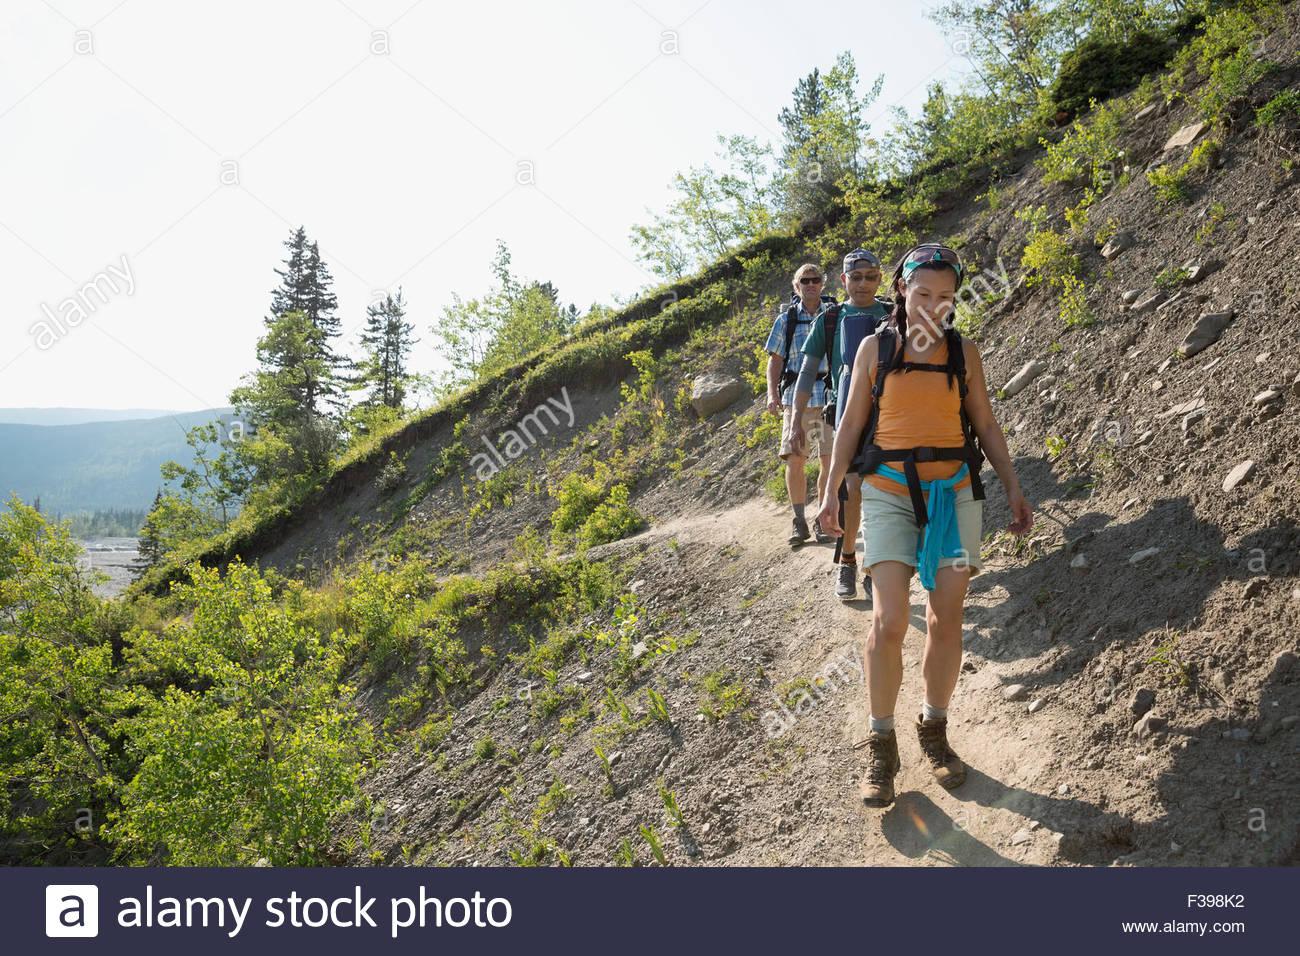 Les amis de la randonnée sur le sentier de la crête escarpée Photo Stock